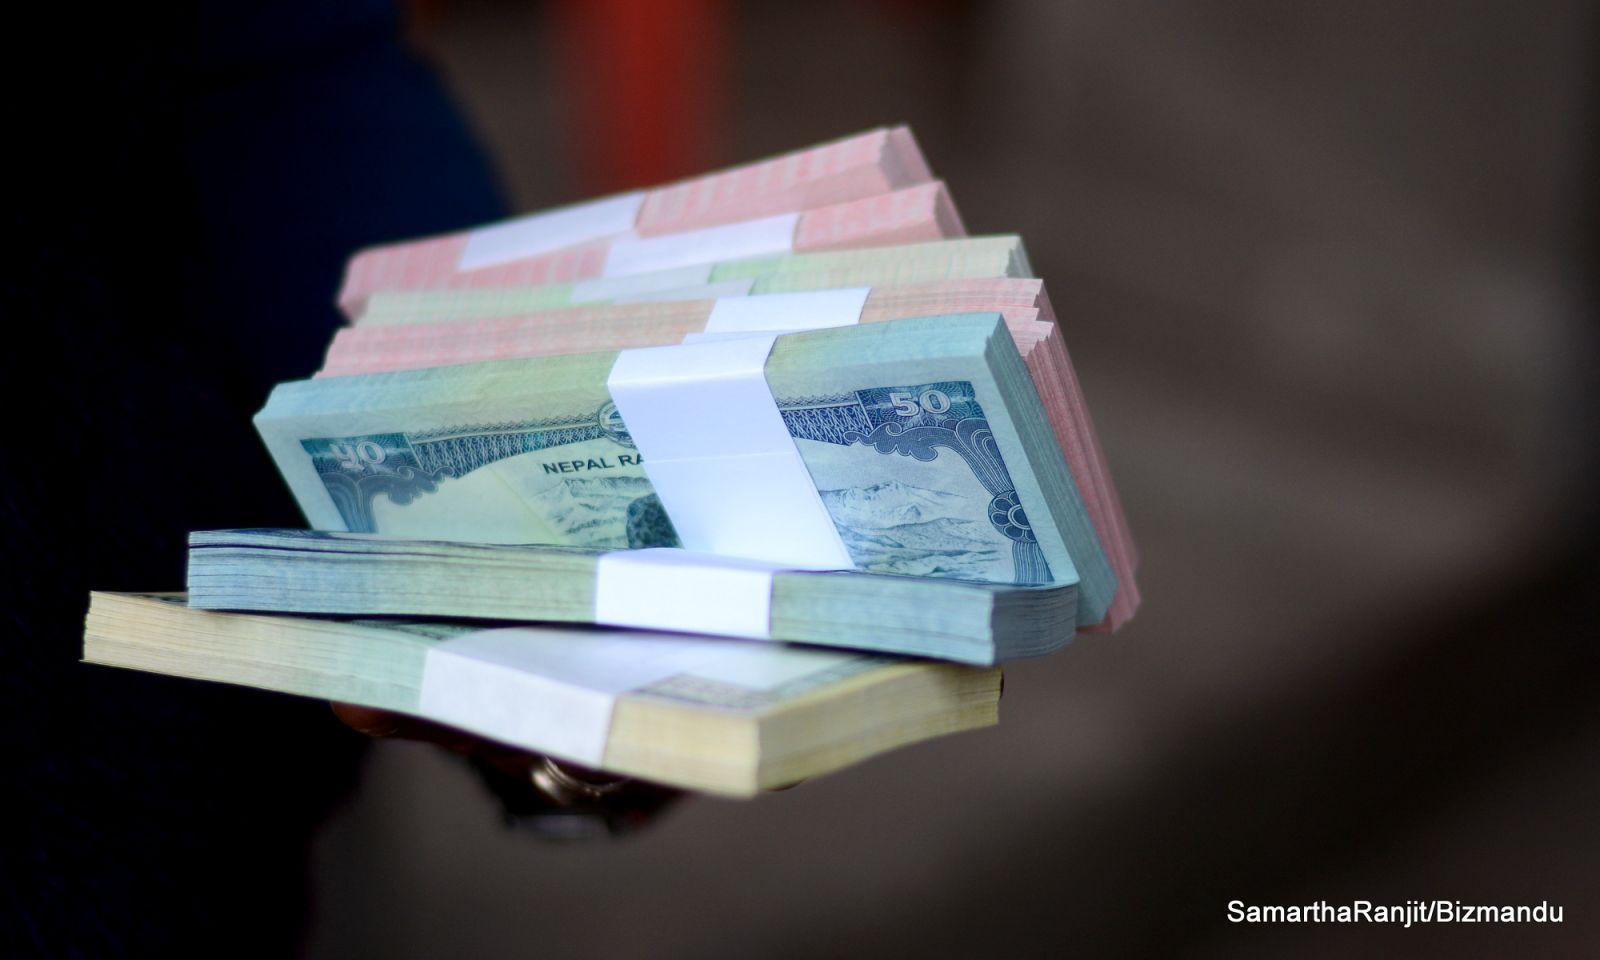 भोलिदेखि नयाँ नोट ; यी बैंकबाट साट्न पाइने !